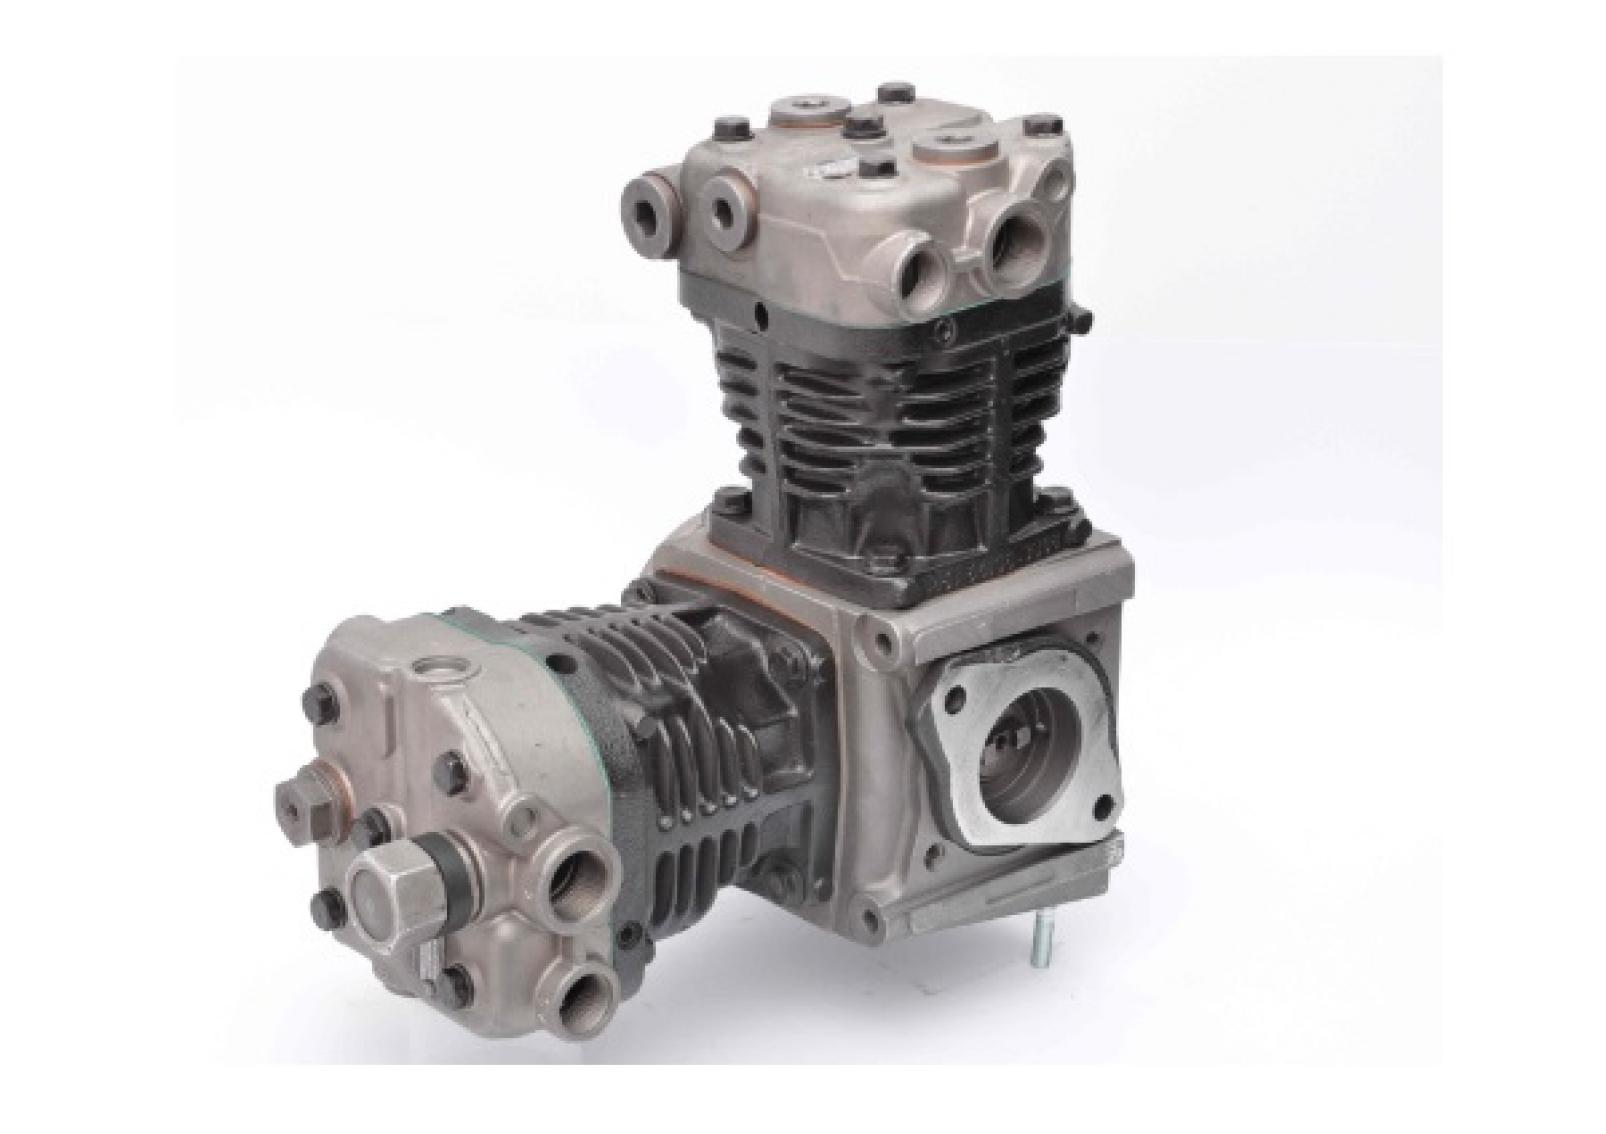 Air Compressor for Man,  51540007055, 4471303015, 4471301915